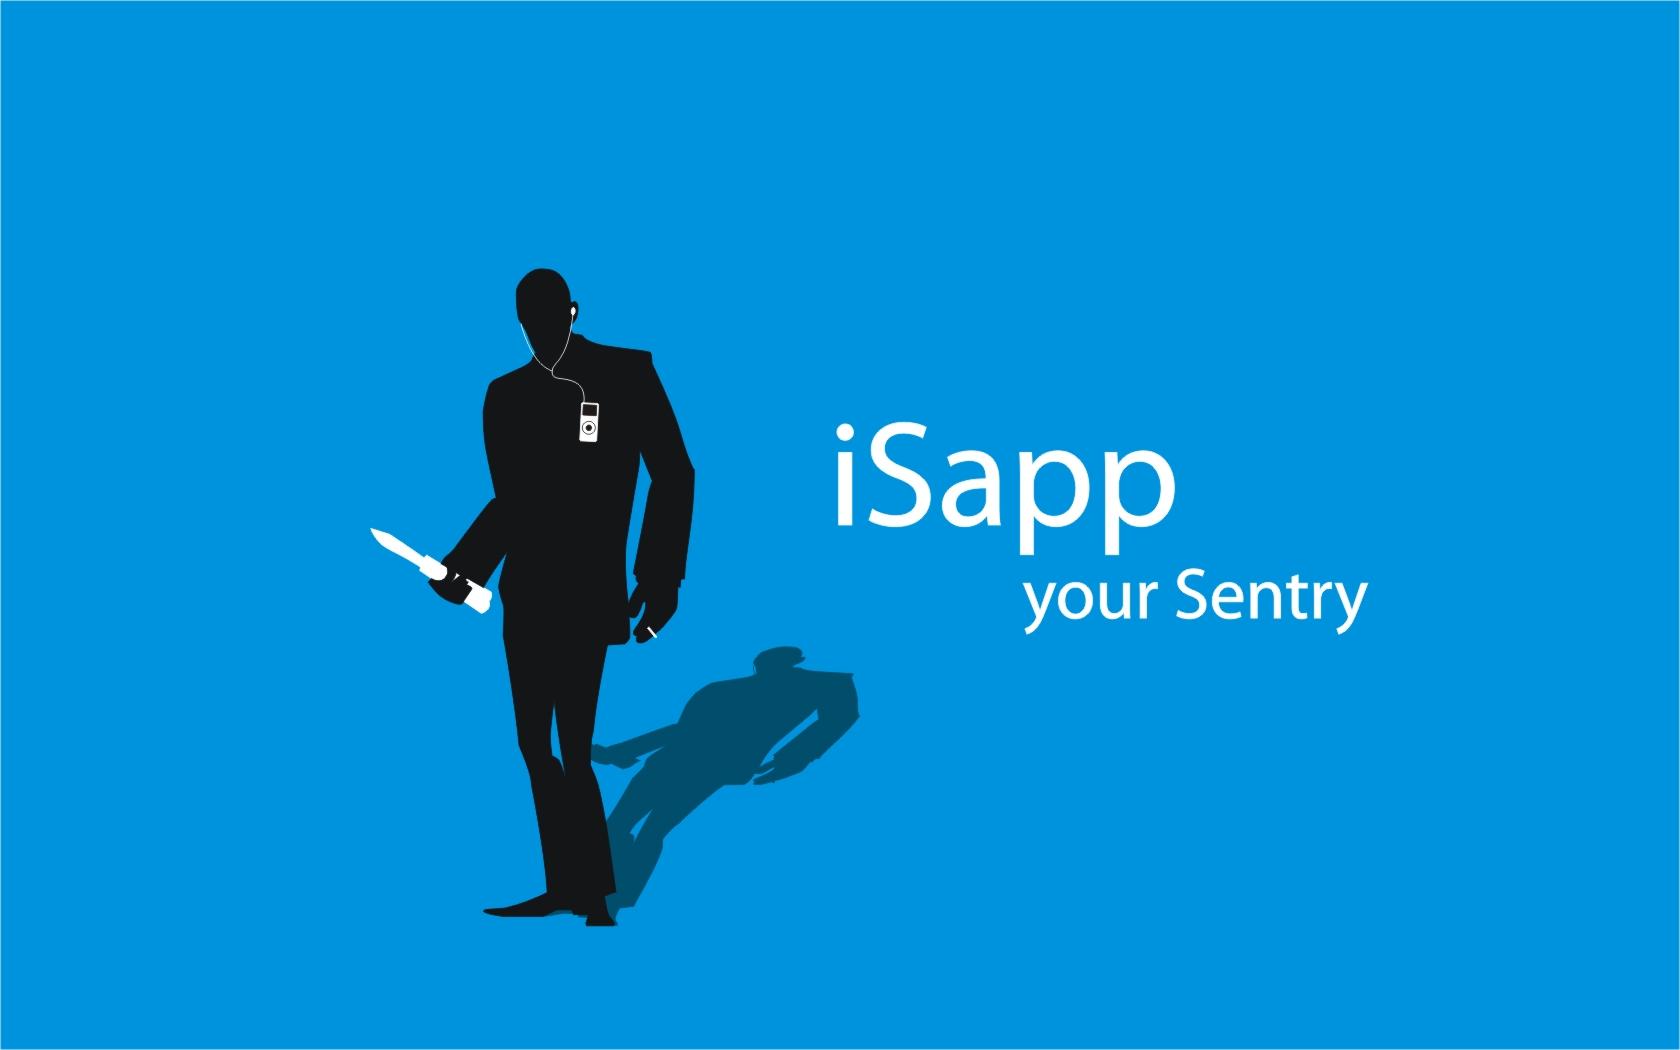 spy tf2 slogan team fortress 2 desktop 1680x1050 wallpaper 404933 1680x1050